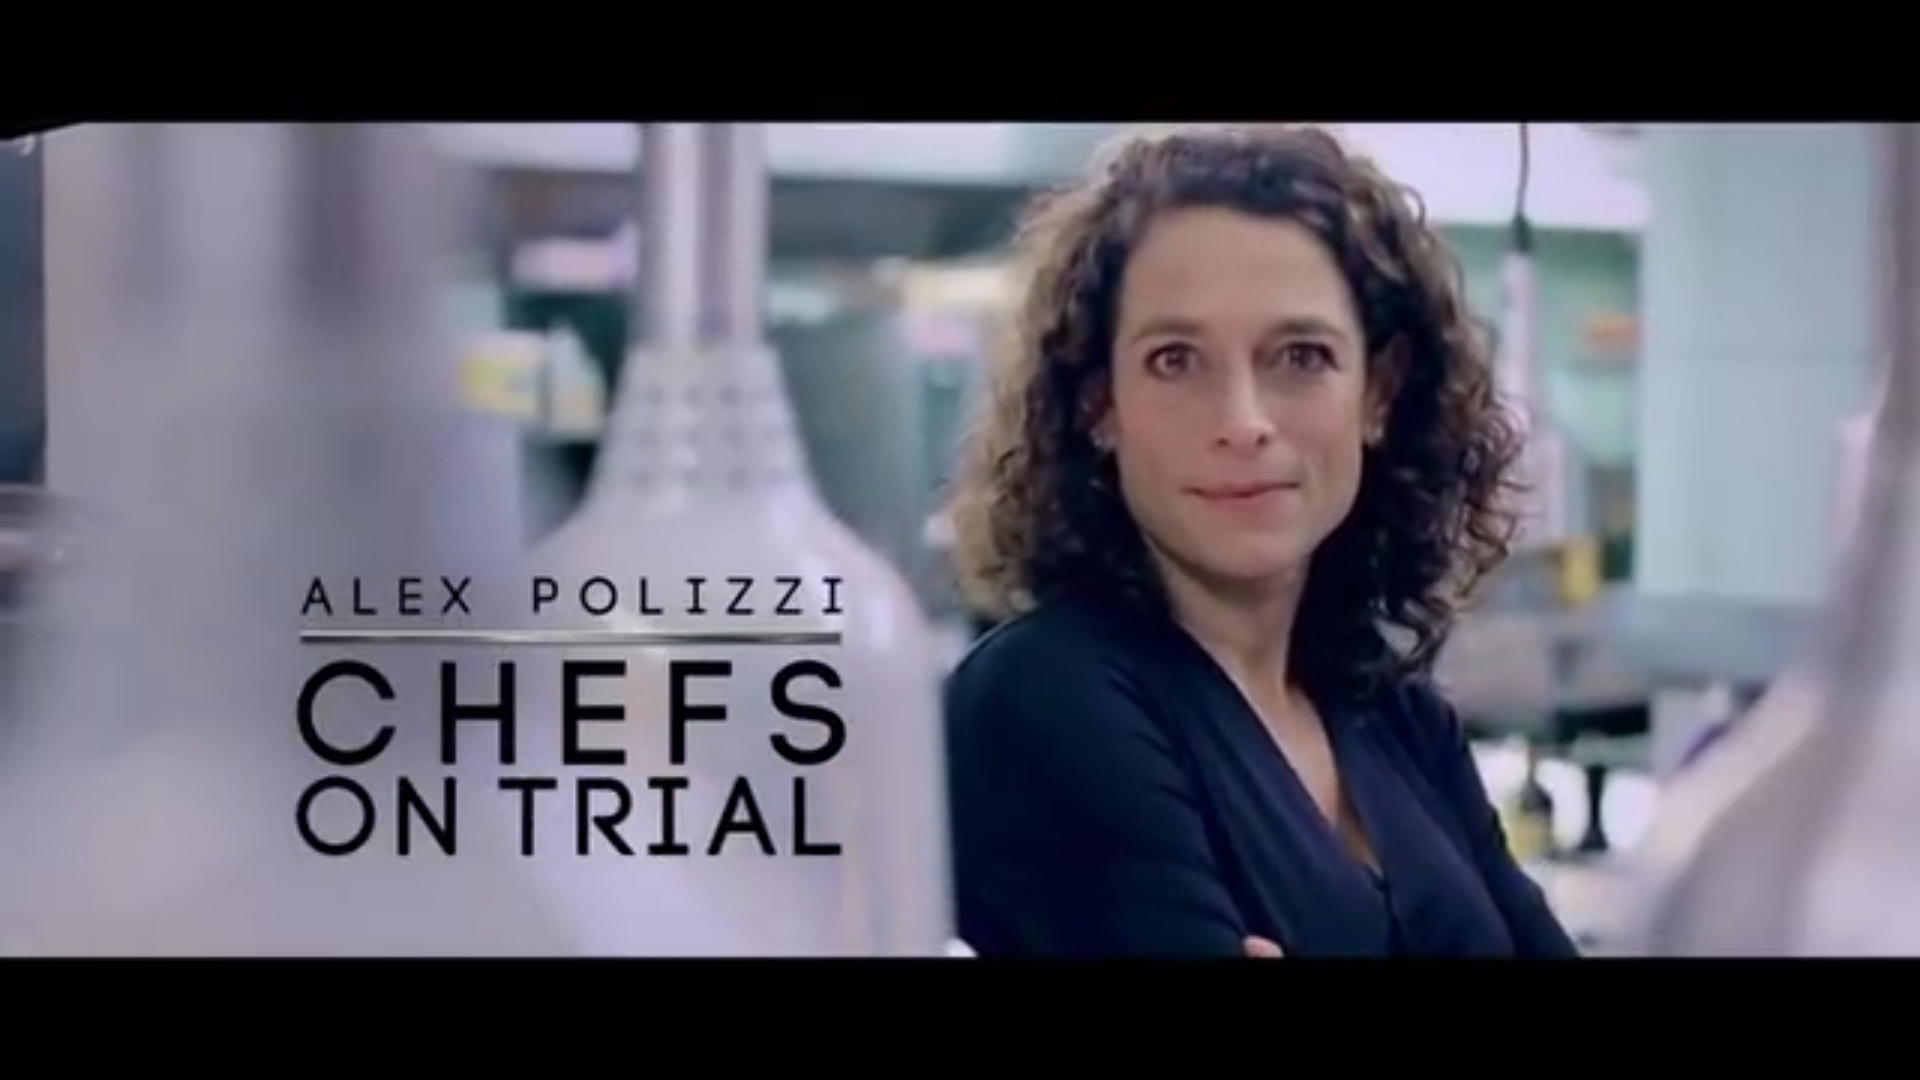 Alex Polizzi: Chefs on Trial